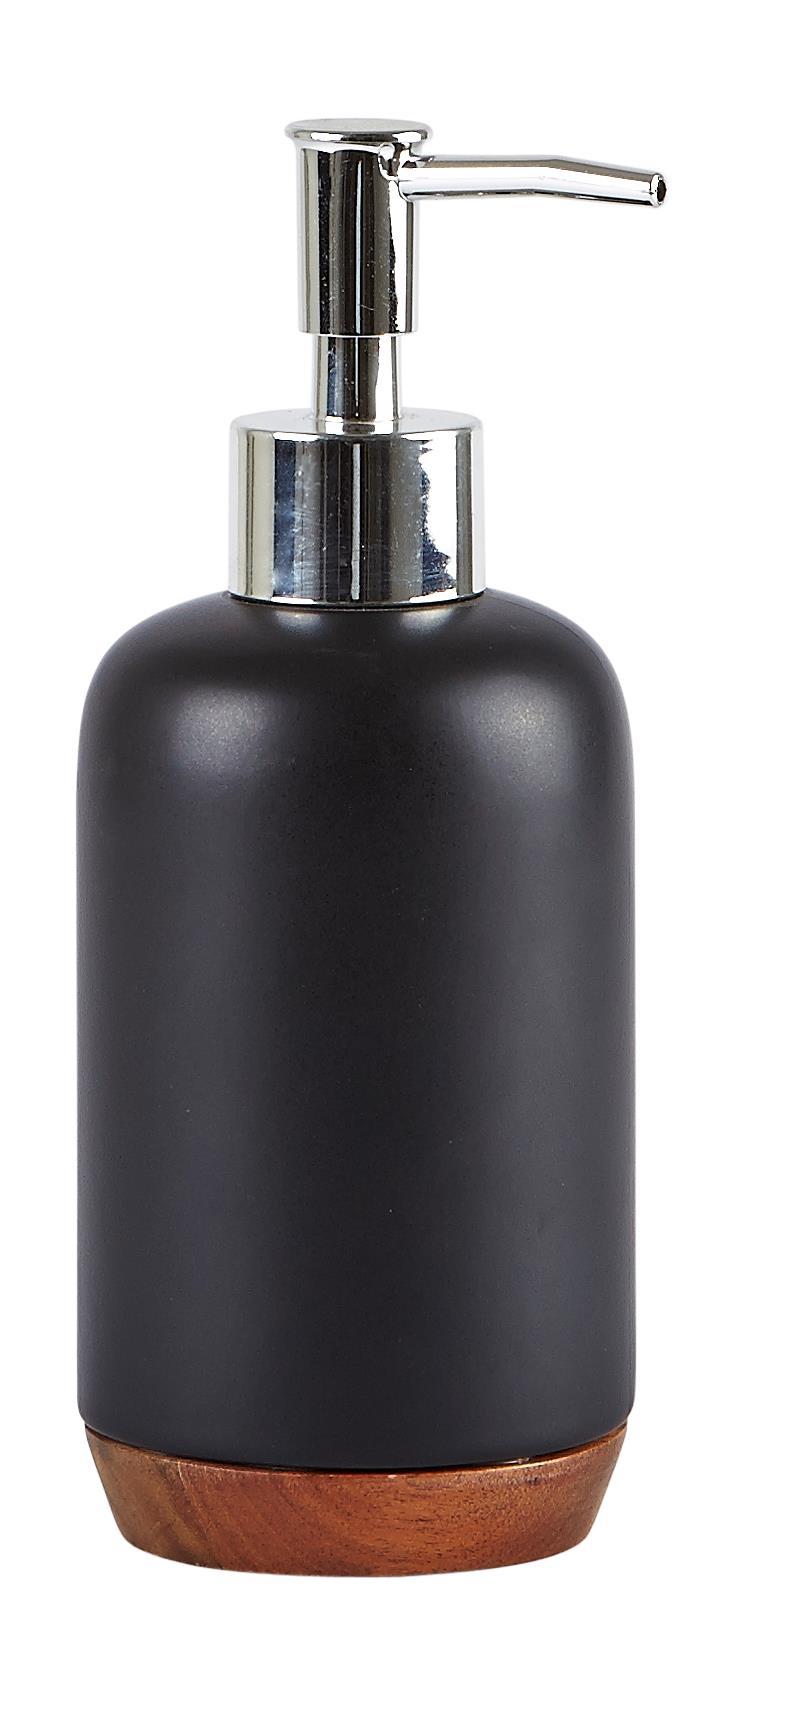 Dozator pentru sapun din ceramica, 350 ml, Kj-Negru imagine